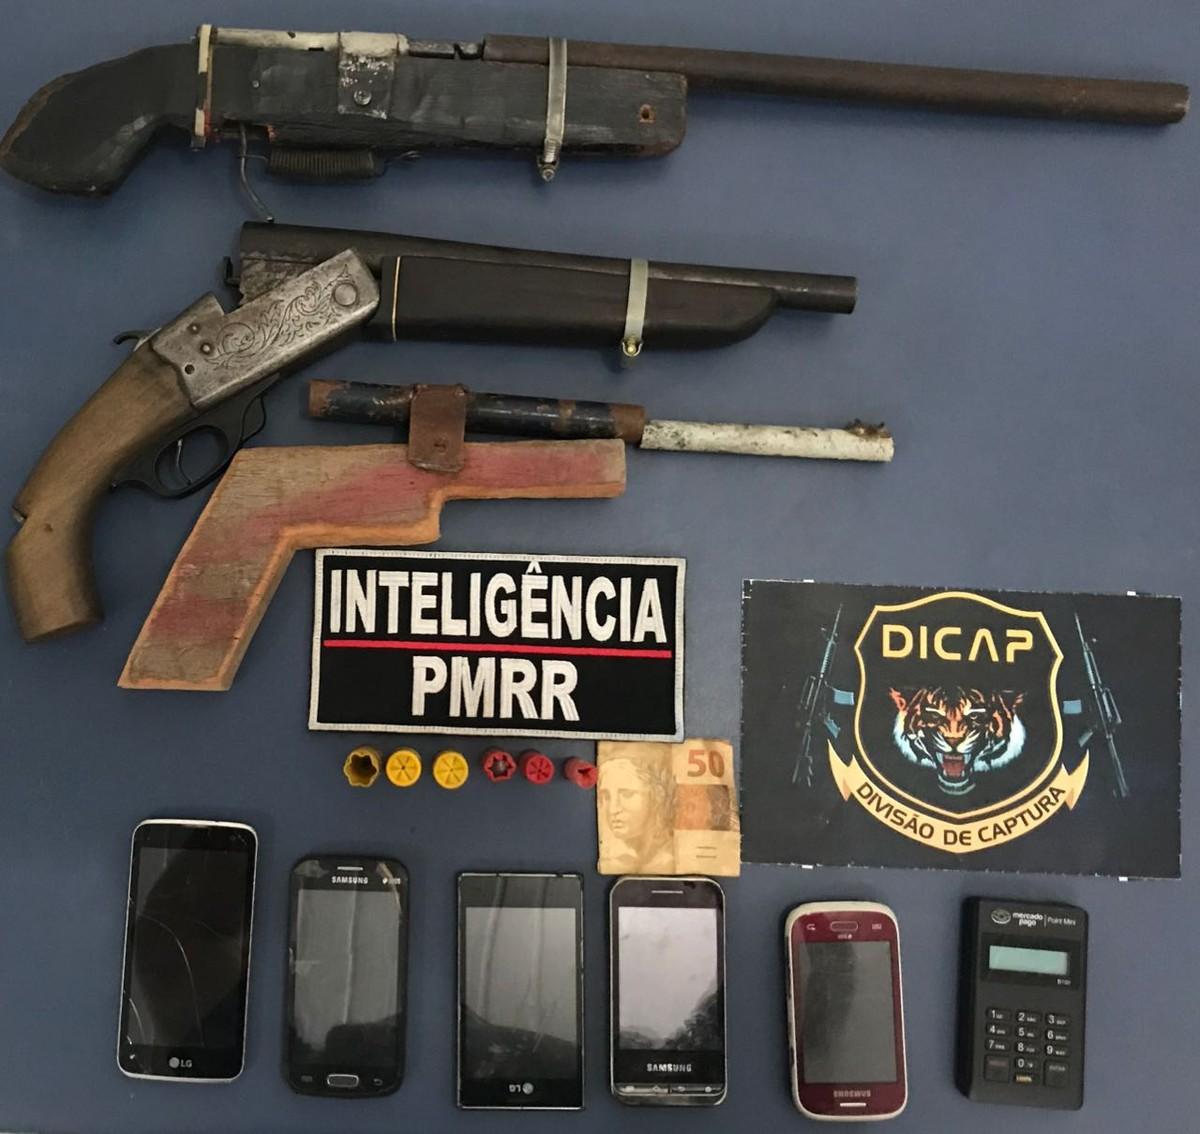 Três suspeitos de roubos são detidos com armas e munições em Boa Vista